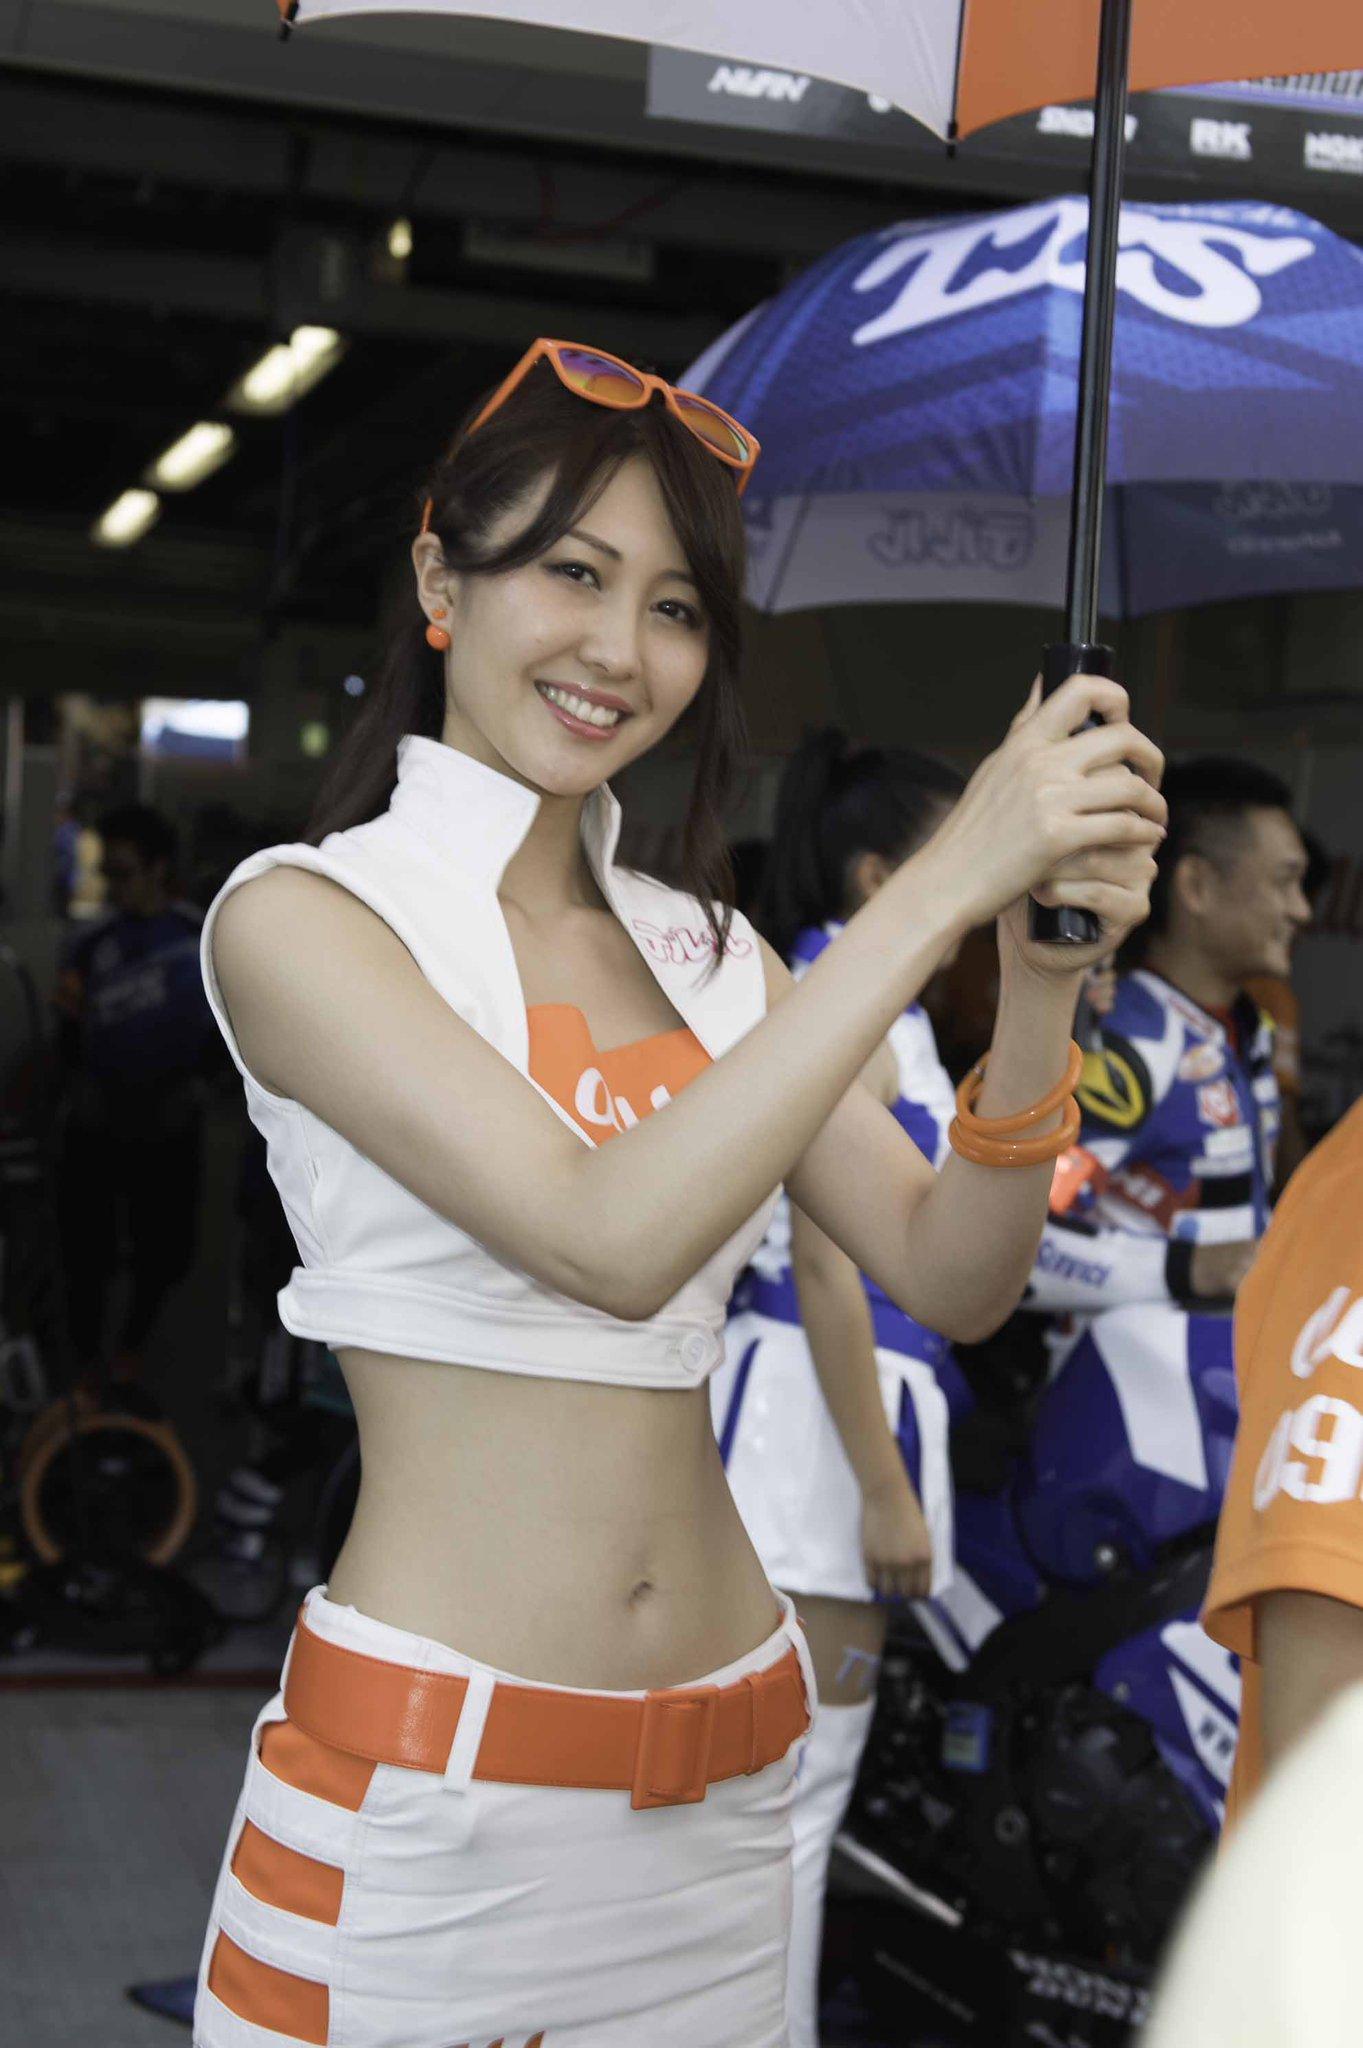 """saki_miya222  Nishik on Twitter: """"@saki_miya222 @mitan0607 写真を送ります。(秋吉選手も)今日(7/31)は体調に気をつけて頑張ってください。 https://t.co/OqTYztnkoz"""""""